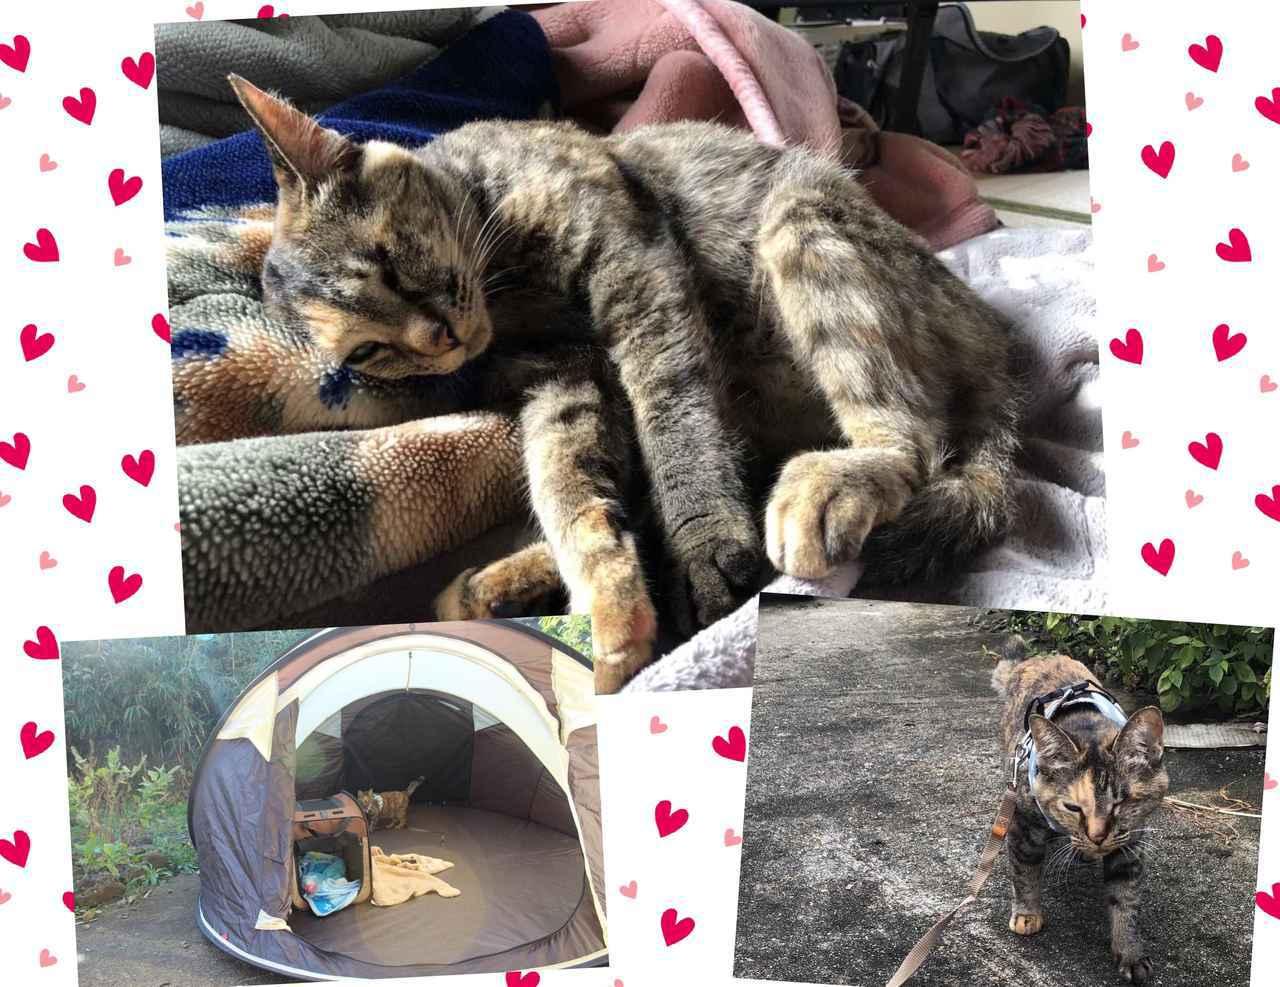 画像: 【体験レビュー】初めて〝愛猫と一緒〟に行くデイキャンプ!下準備や持ち物・気を配るべきポイントを徹底解説 - ハピキャン キャンプ・アウトドア情報メディア